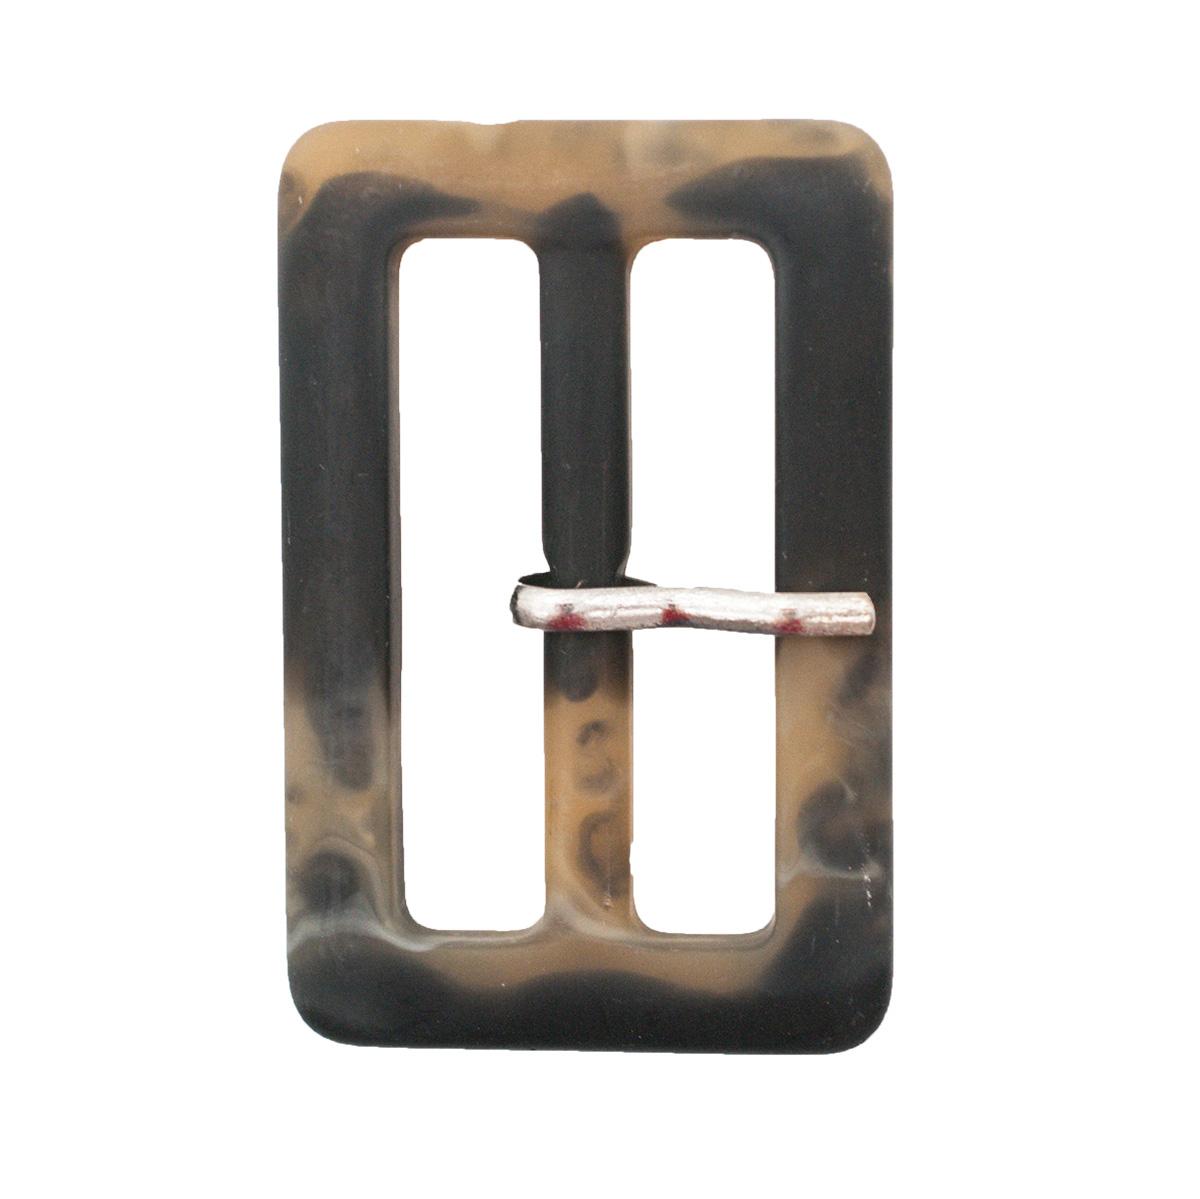 ВК713 Пряжка с язычком 40мм ушко, 35*54мм, черно-коричневая матовая